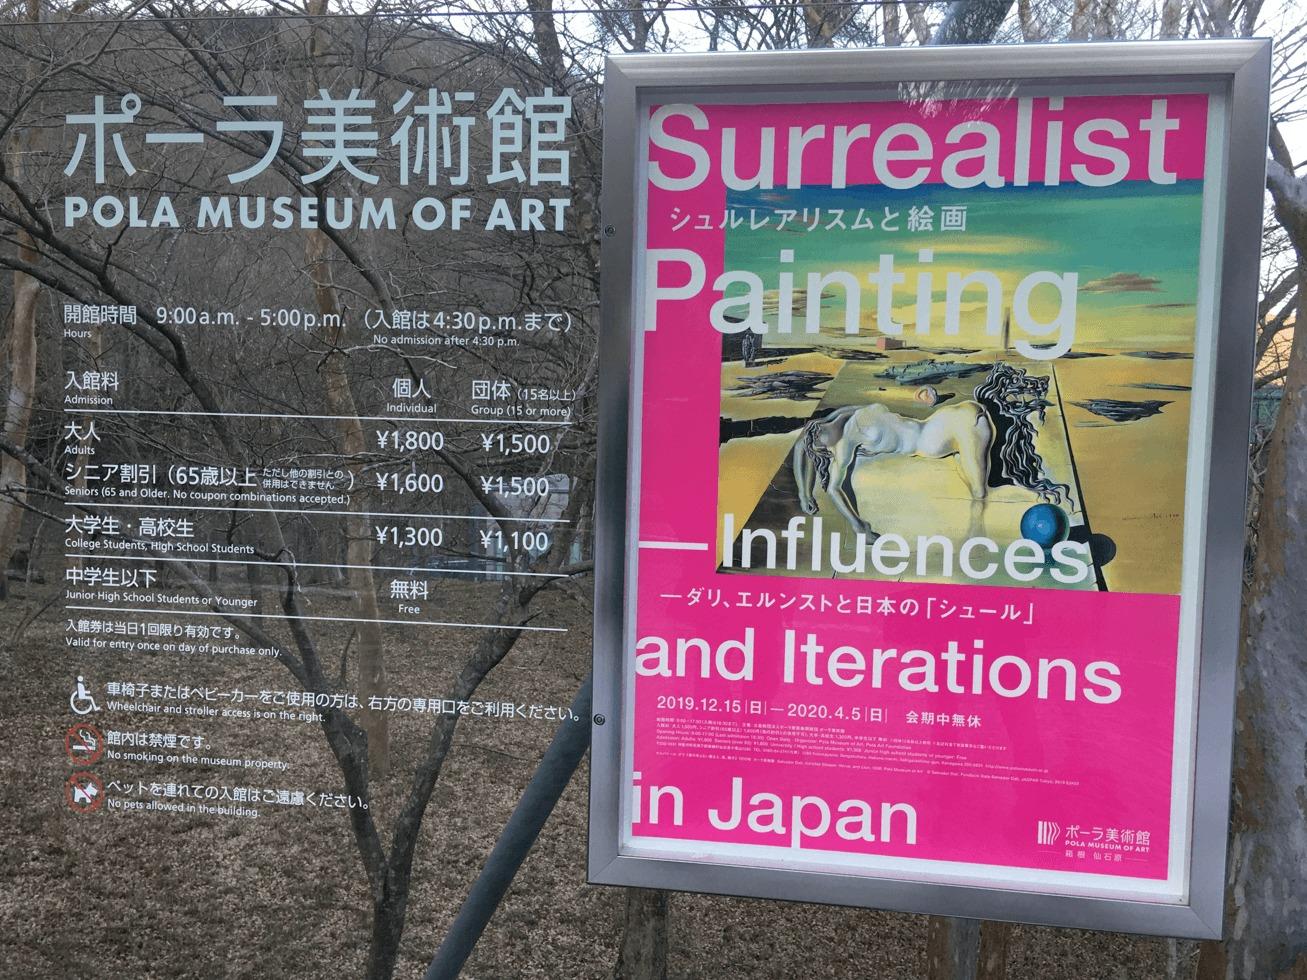 ポーラ美術館の企画展のポスターの写真